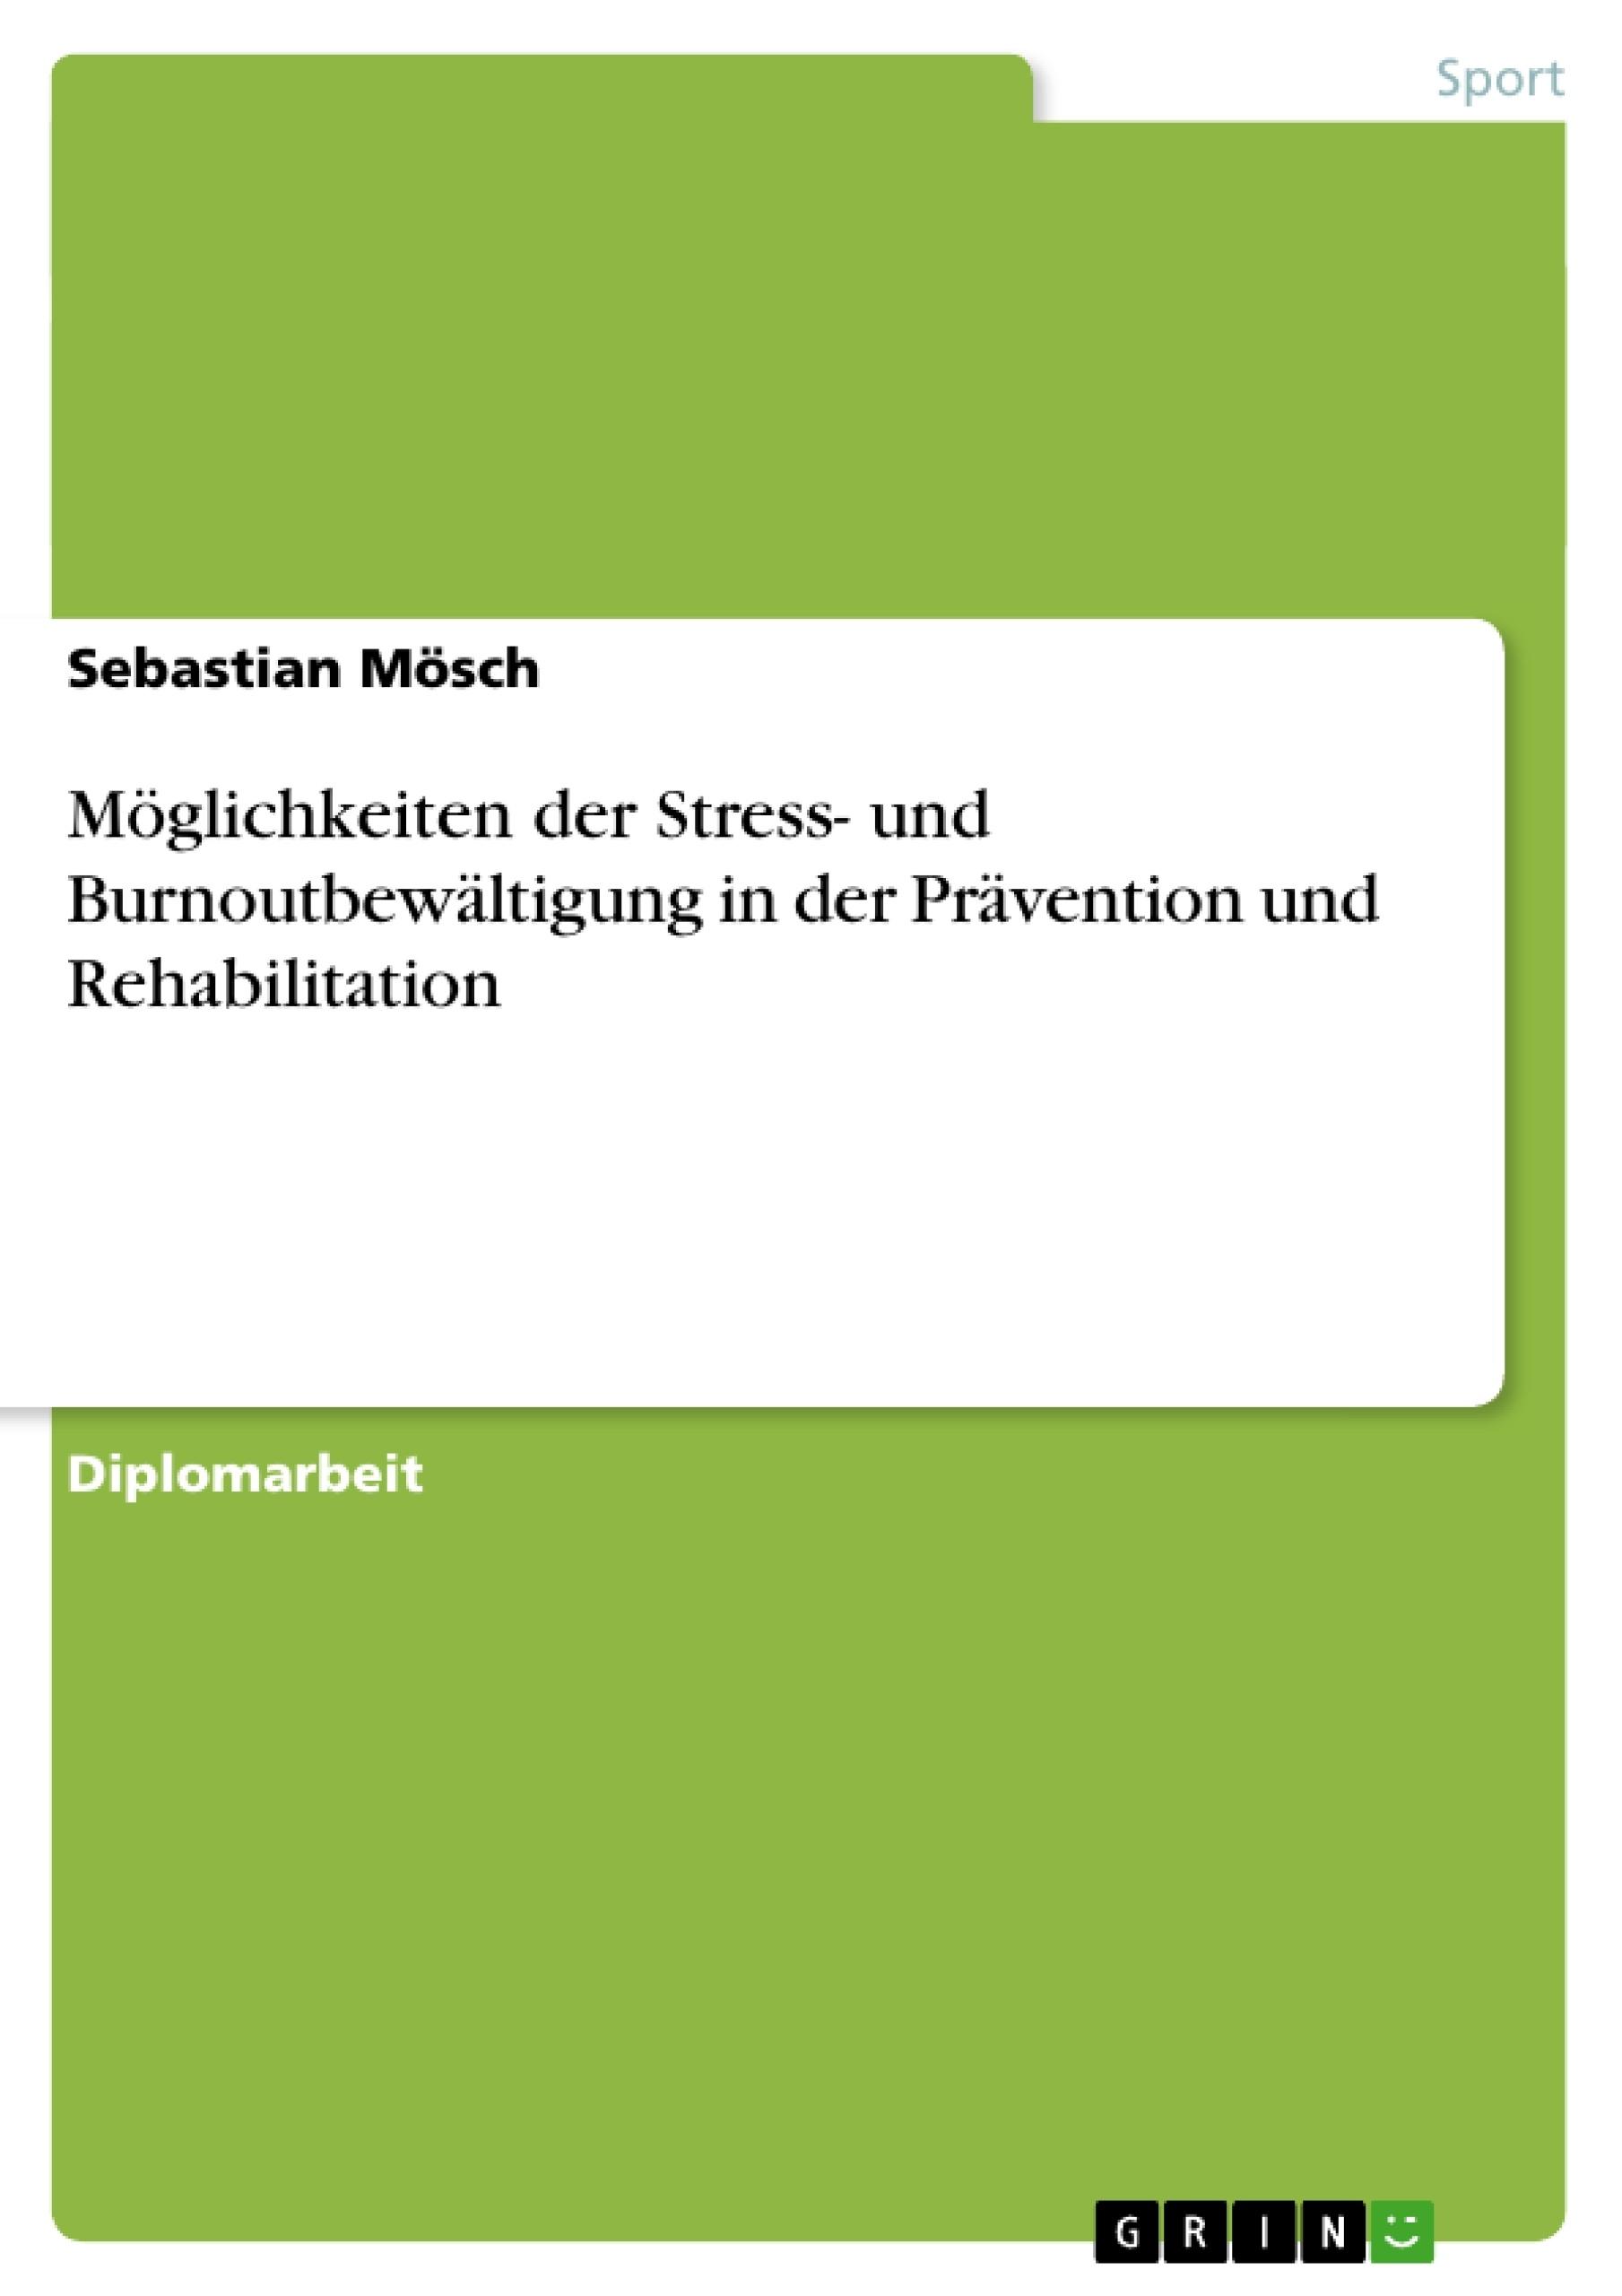 Titel: Möglichkeiten der Stress- und Burnoutbewältigung in der Prävention und Rehabilitation